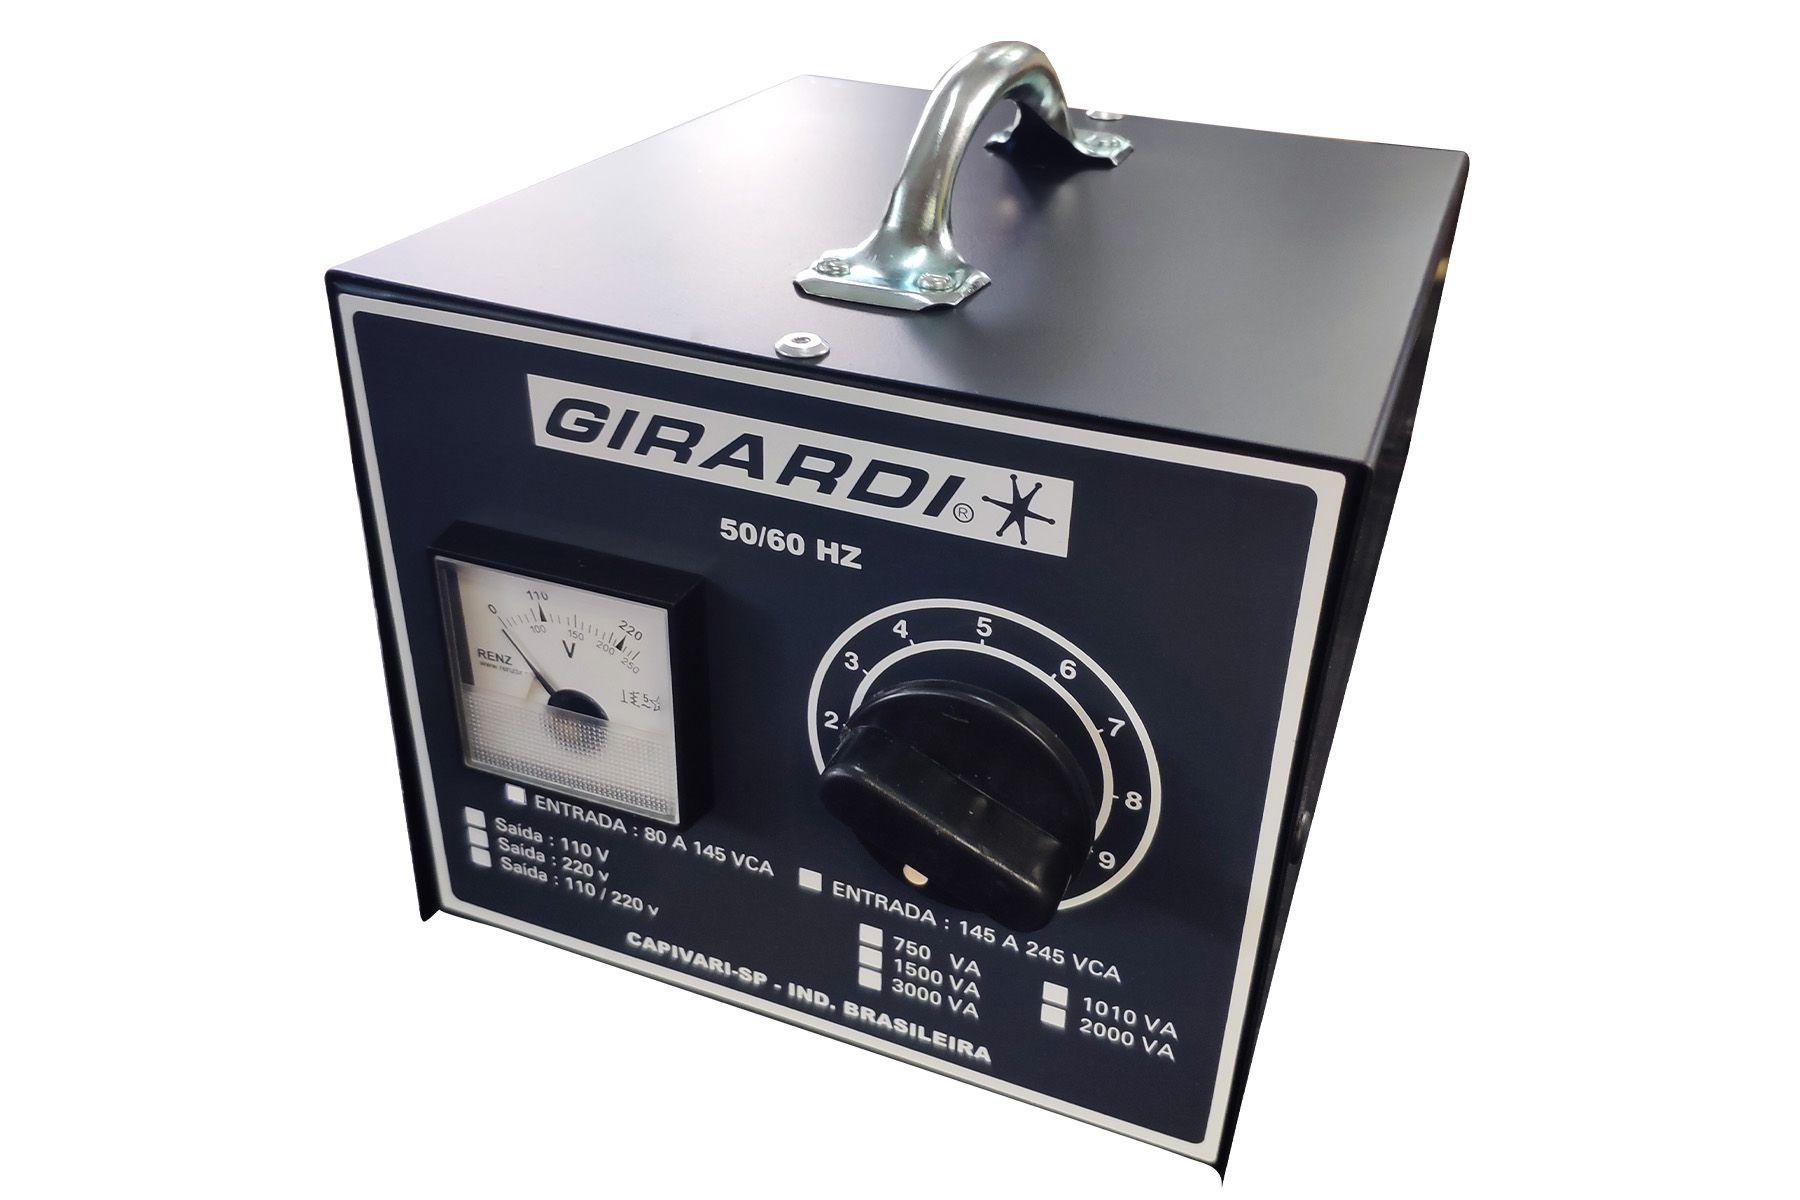 Regulador Manual De Tensão / Voltagem Girardi 1010 VA Entrada 220V Saída Bivolt